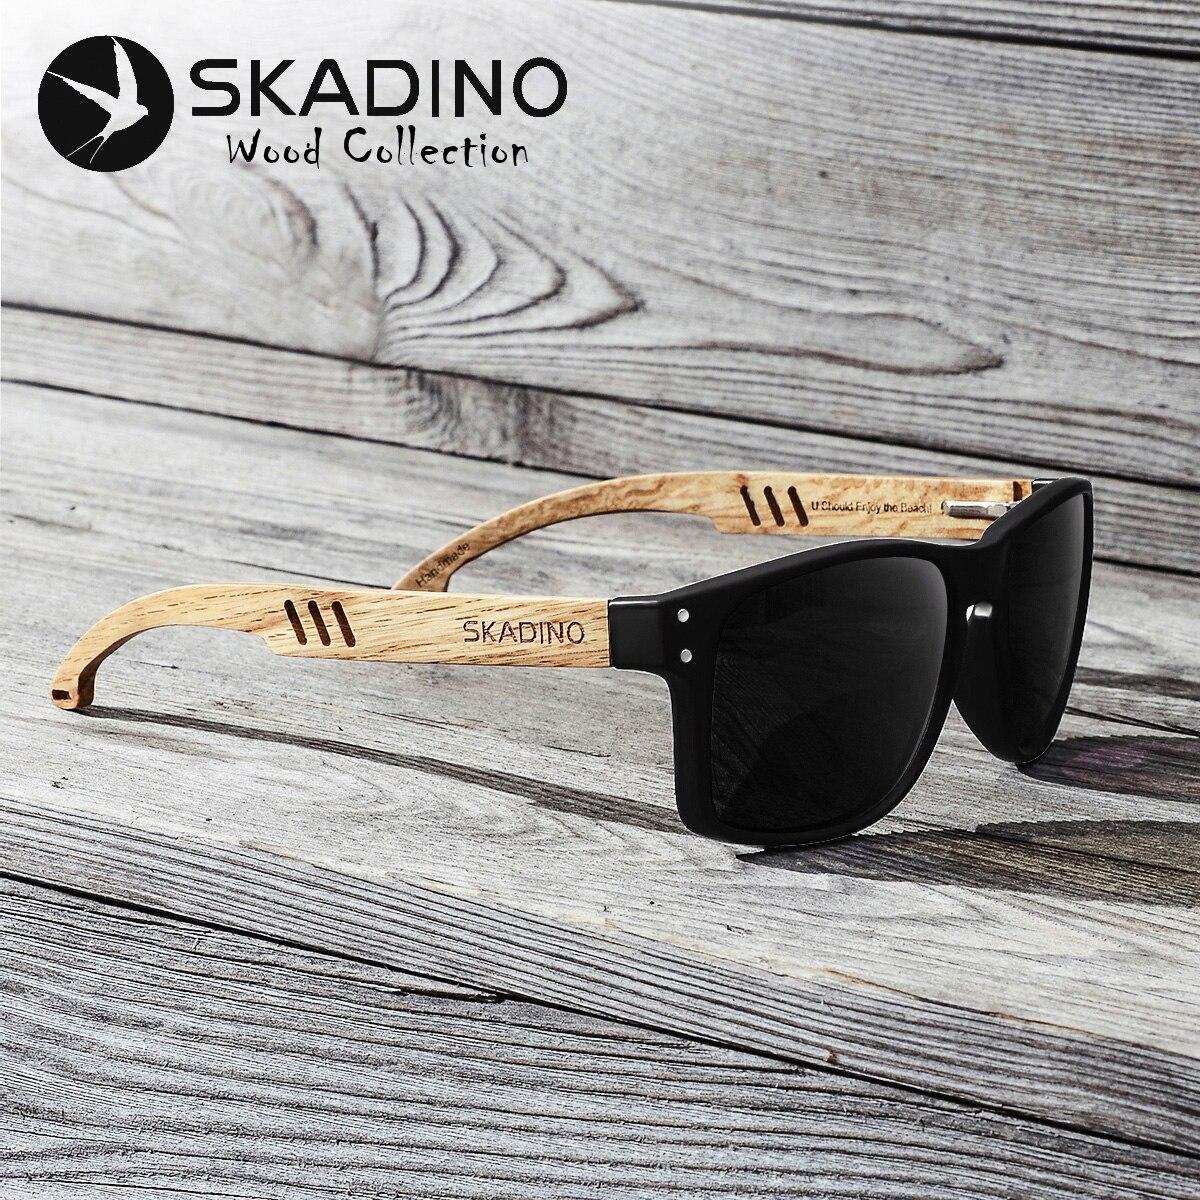 SKADINO Beech Wood Men Sunglasses Polarized Wooden Sun Glasses For Women Blue Green Lens Handmade Fashion Brand Cool UV400